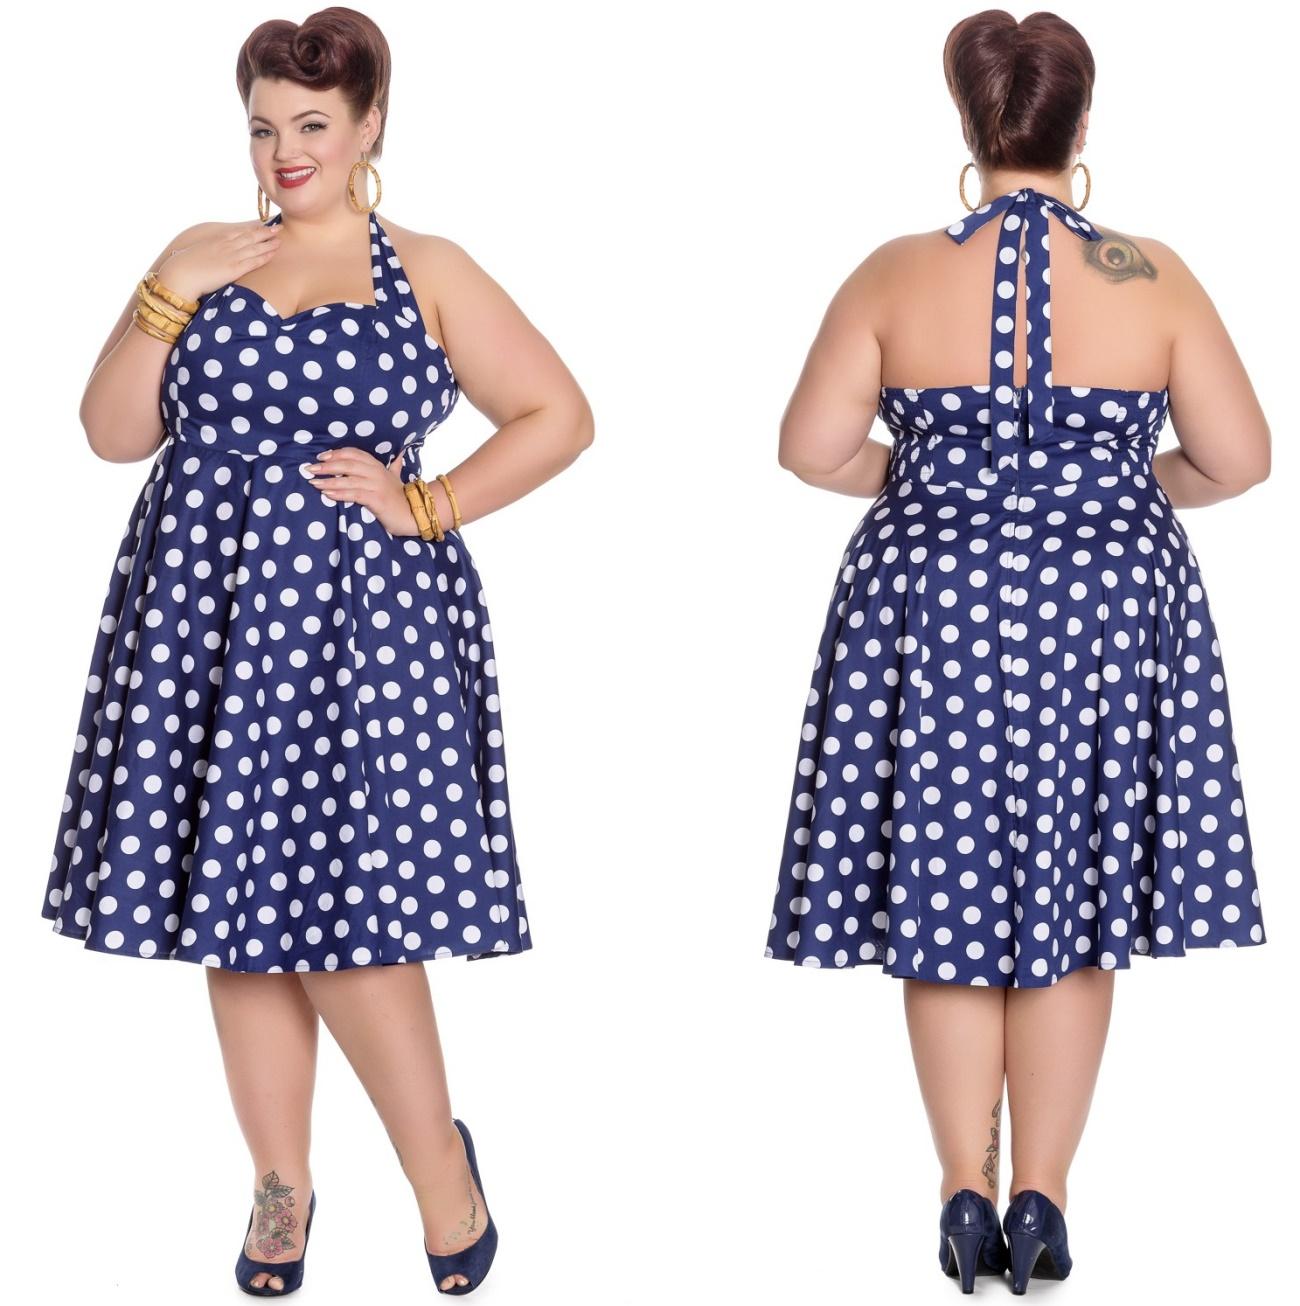 buy popular e6d0b f7406 Marian Dress Rock N Roll Kleid Punkte Plussize Hellbunny - Hellbunny bei  Gothic Onlineshop - www.the-clash.de